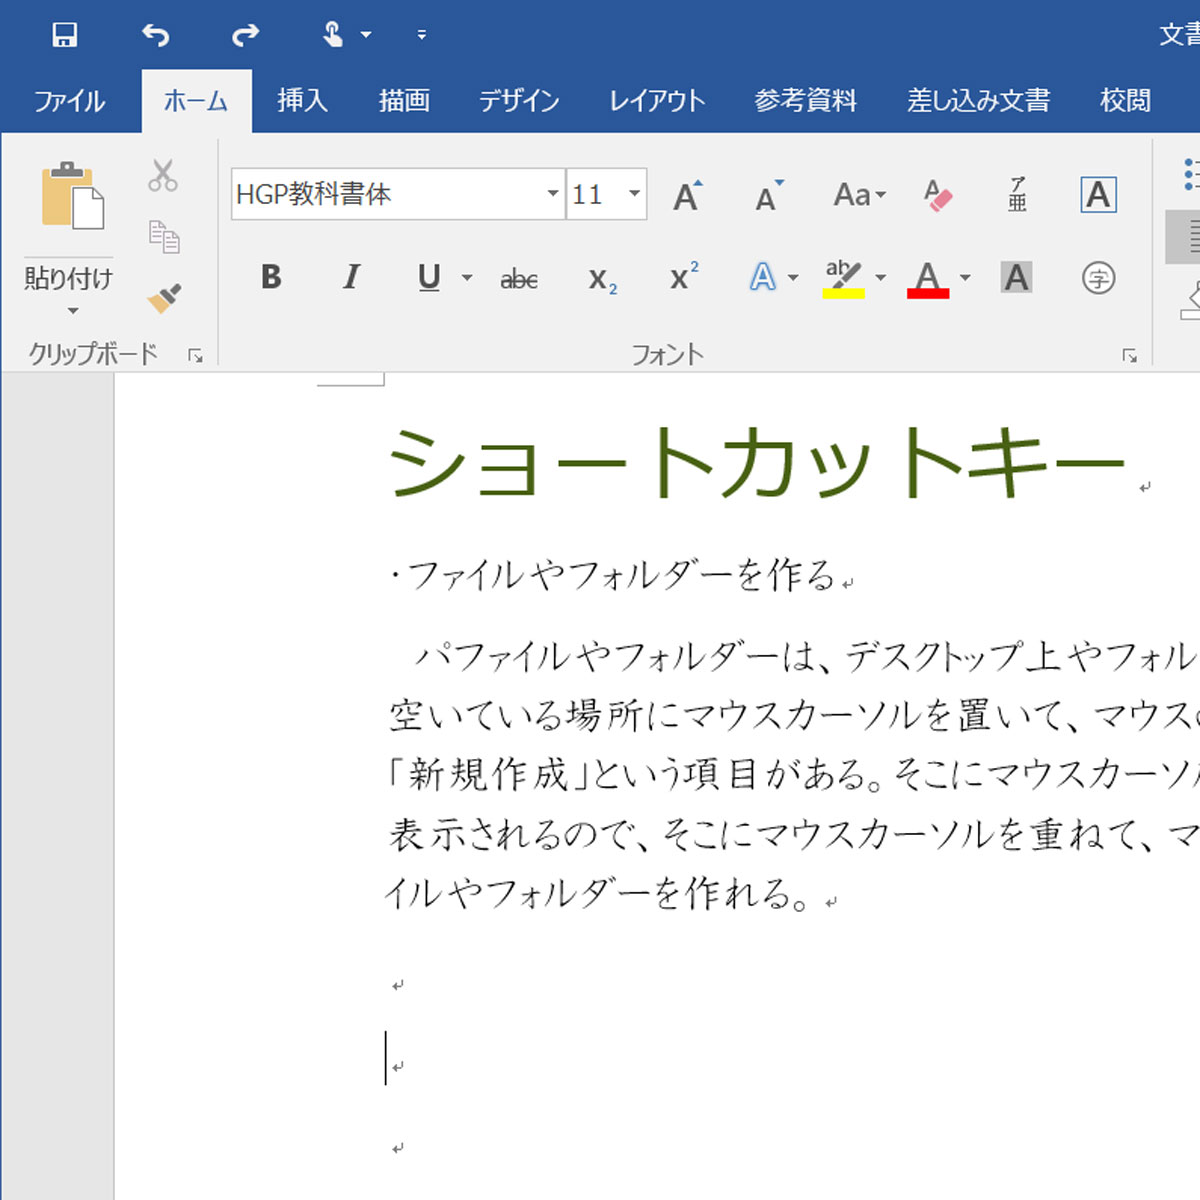 作業効率アップ! Windowsパソコンの超基本操作、ショートカットキーを覚えよう